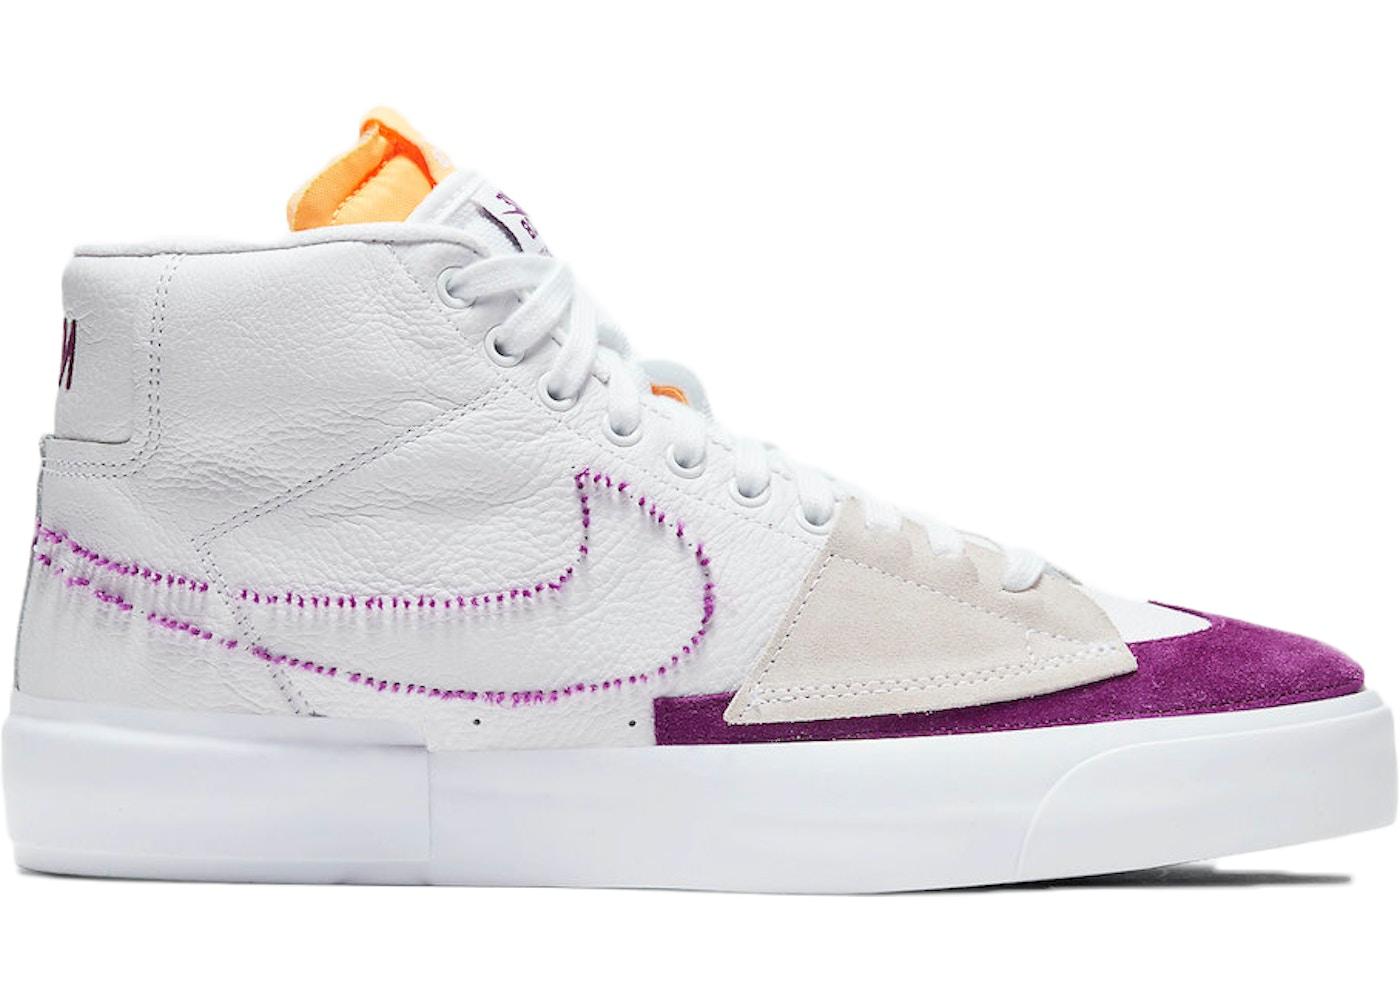 Buy Nike SB Blazer Shoes & Deadstock Sneakers